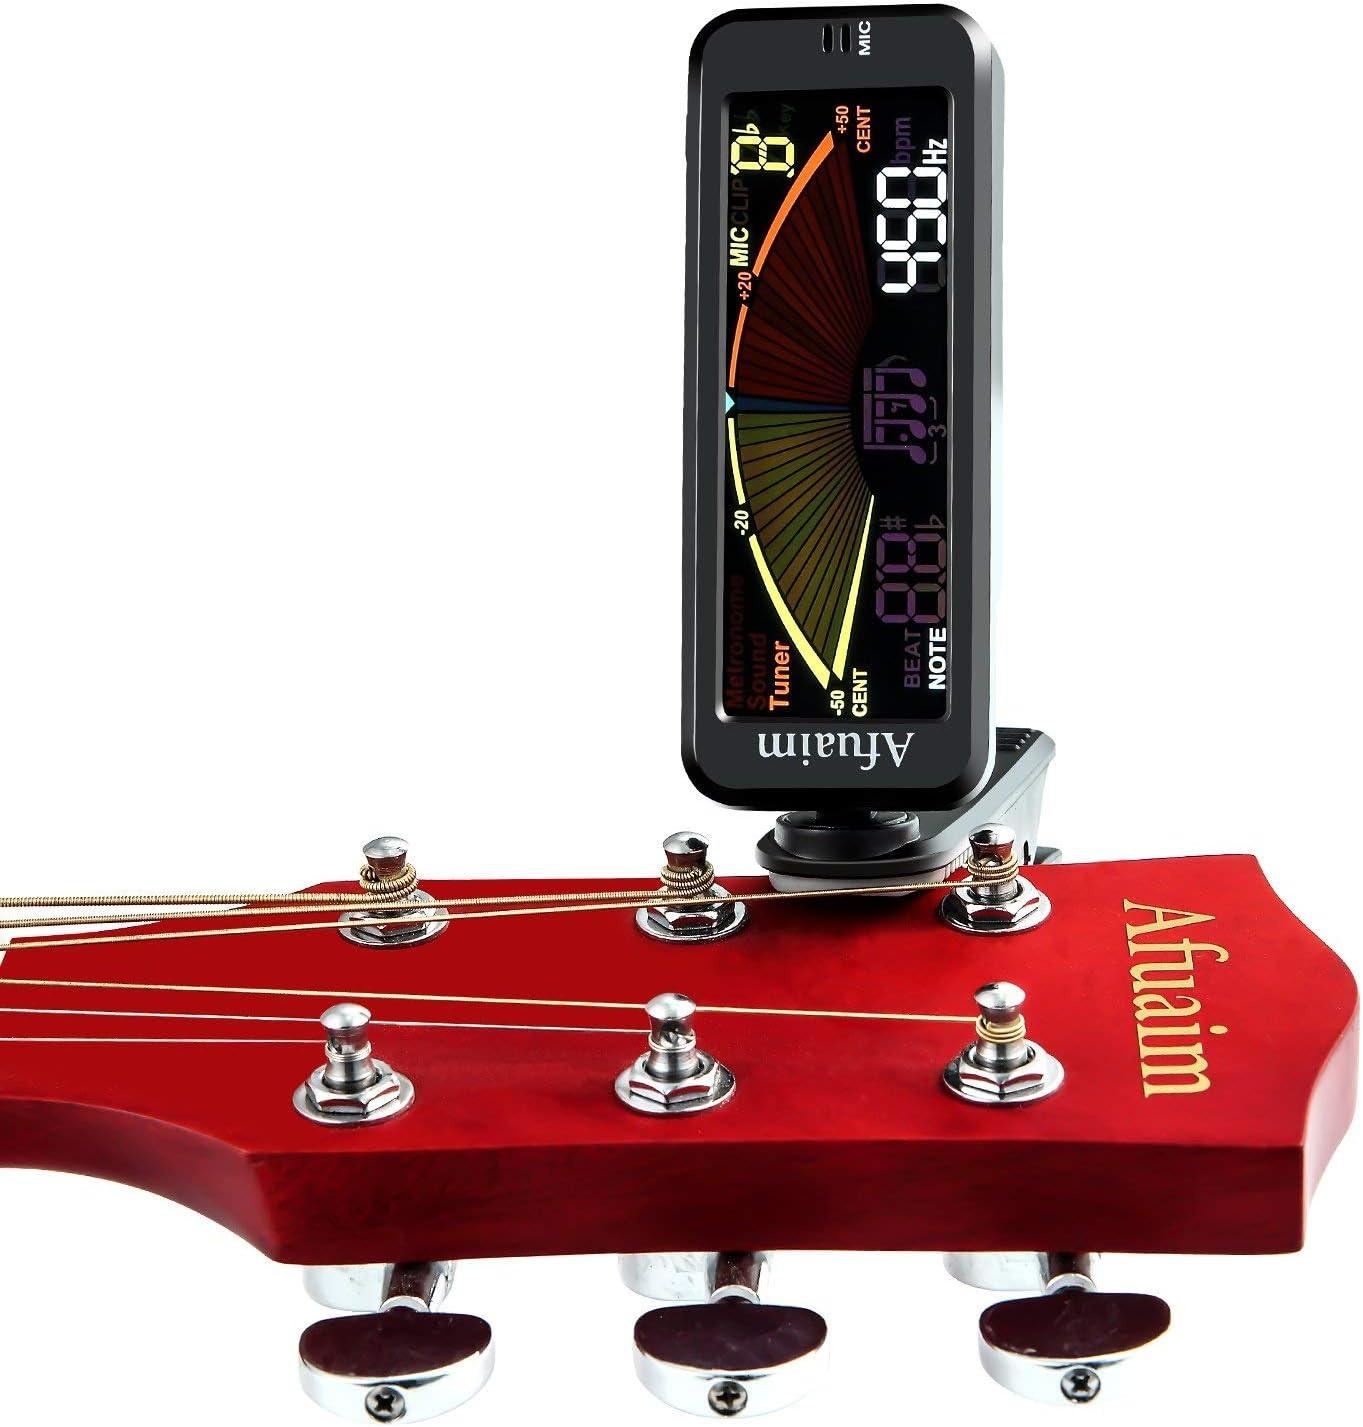 Afuaim Afinadores Metronome Guitarra Tuner Cromático 3 en 1 Clip on para Guitarra Bajo Ukelele Violín con Pantalla LCD